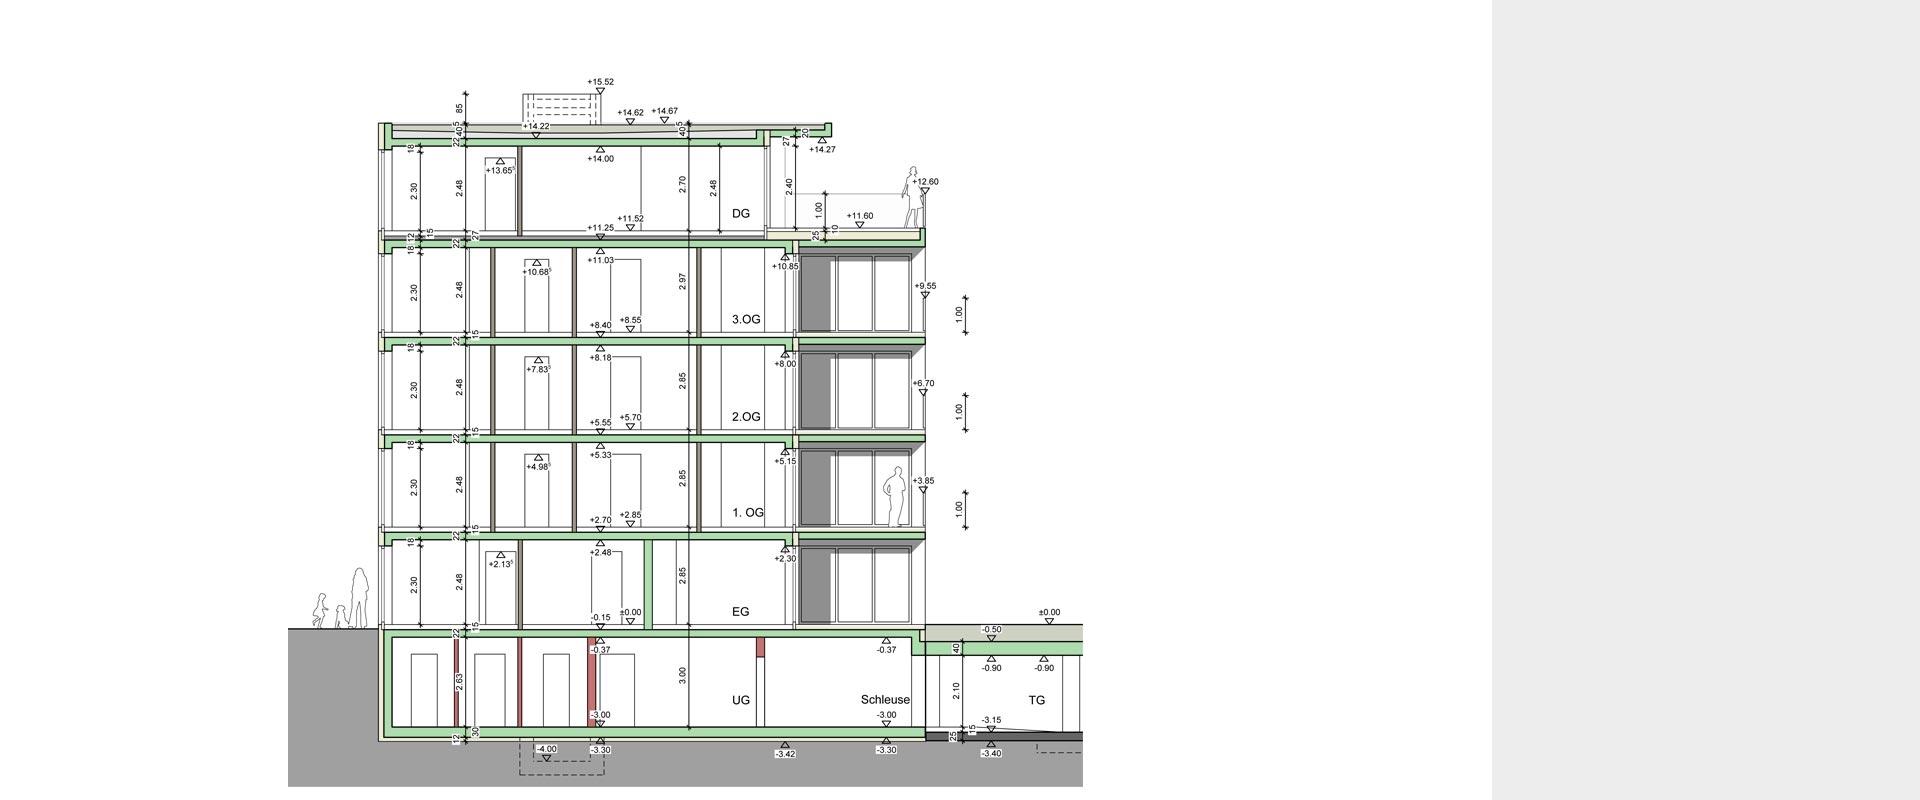 Architekturbüro Musahl Waldshut Wohnanlage Neunschwanz in Kadelburg Schnitt